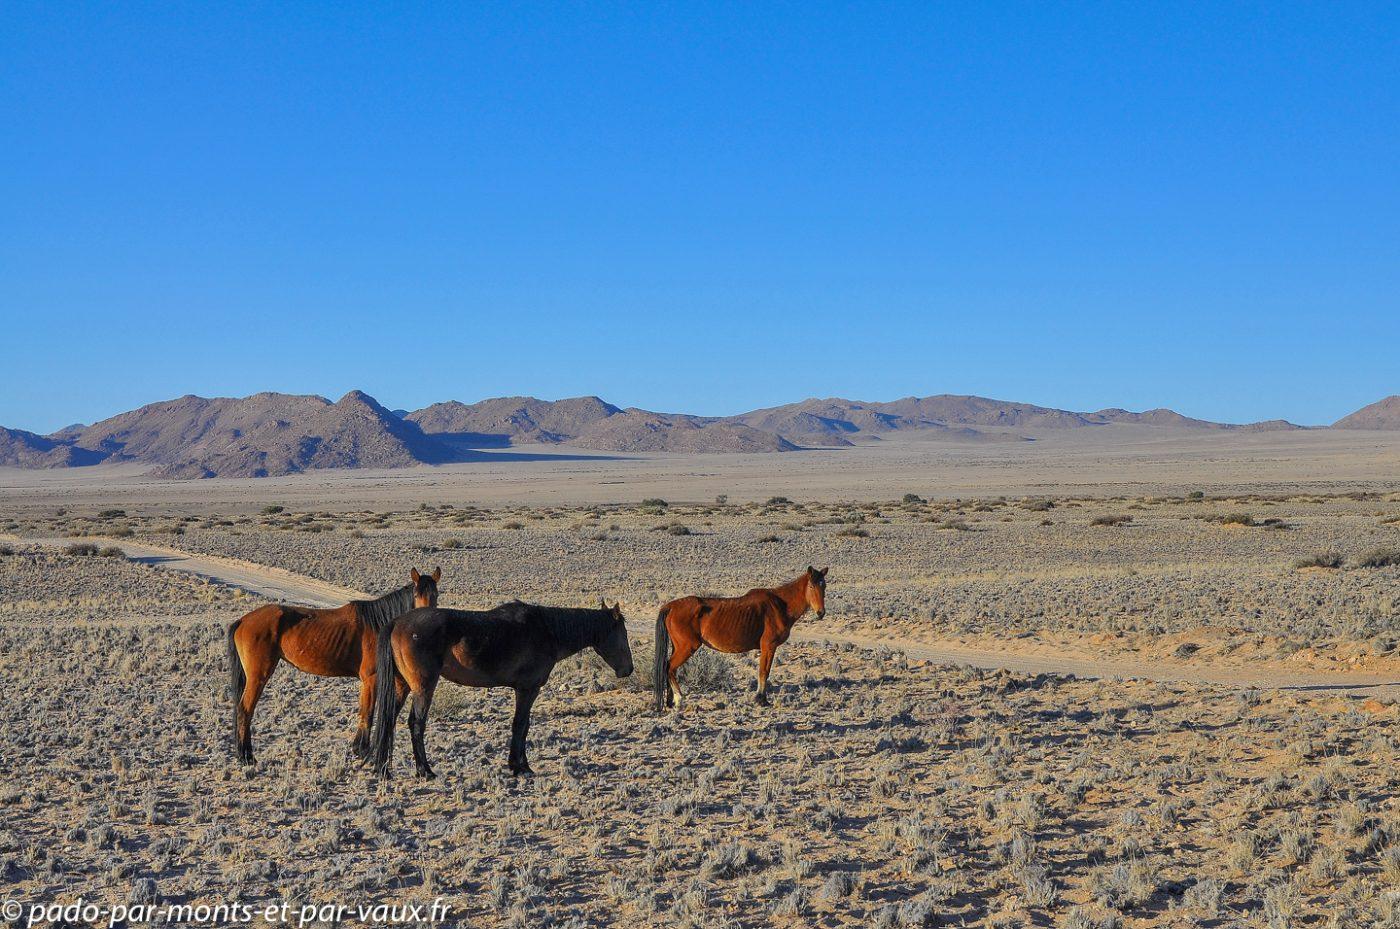 retour vers Aus - chevaux sauvages